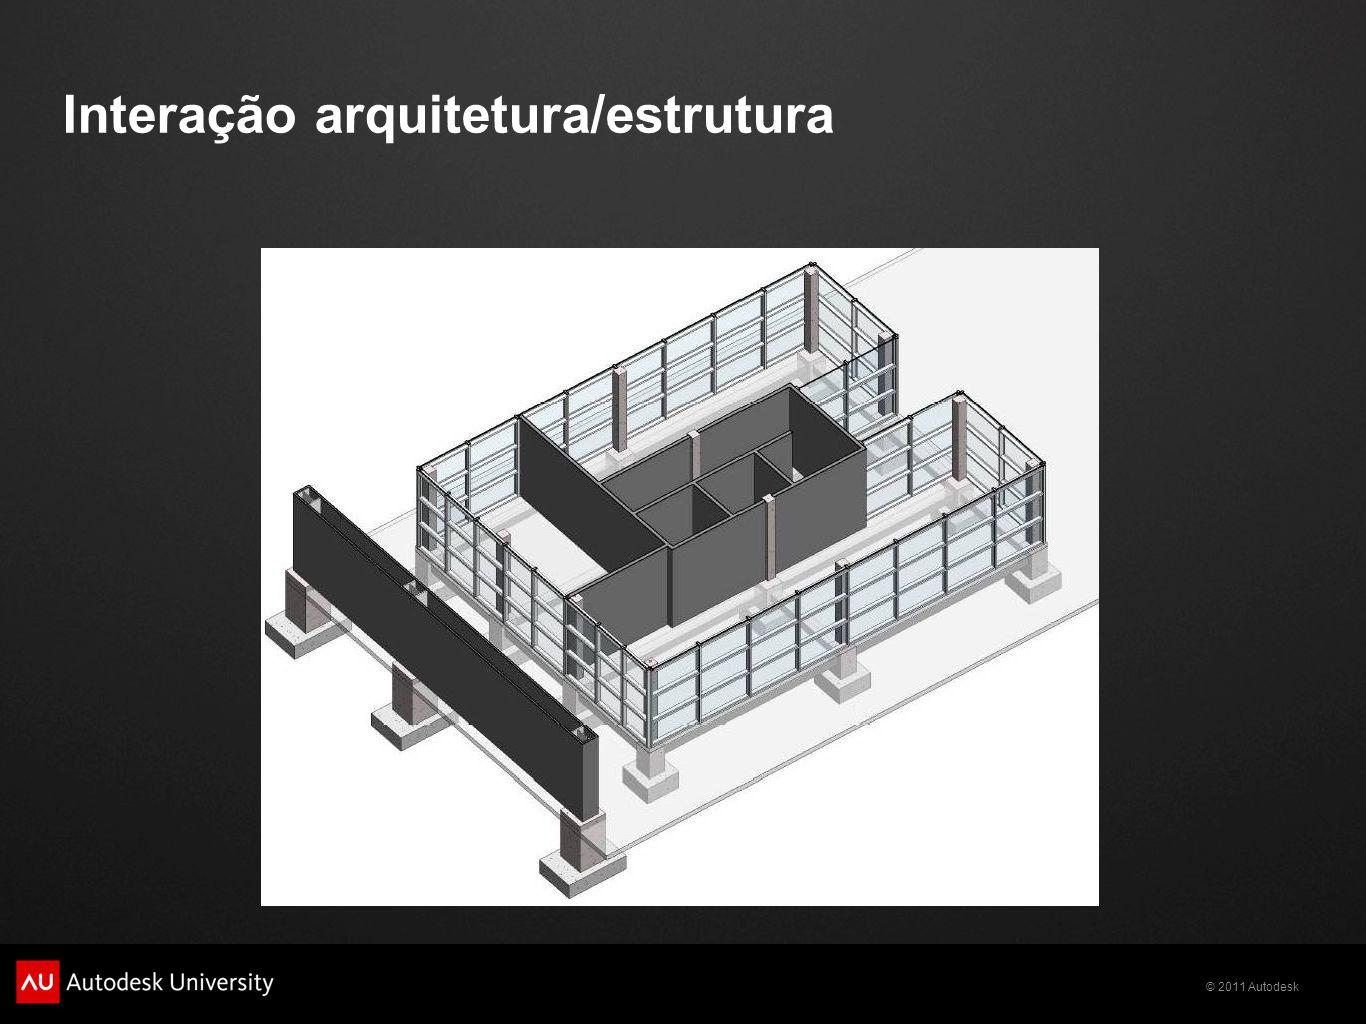 Interação arquitetura/estrutura